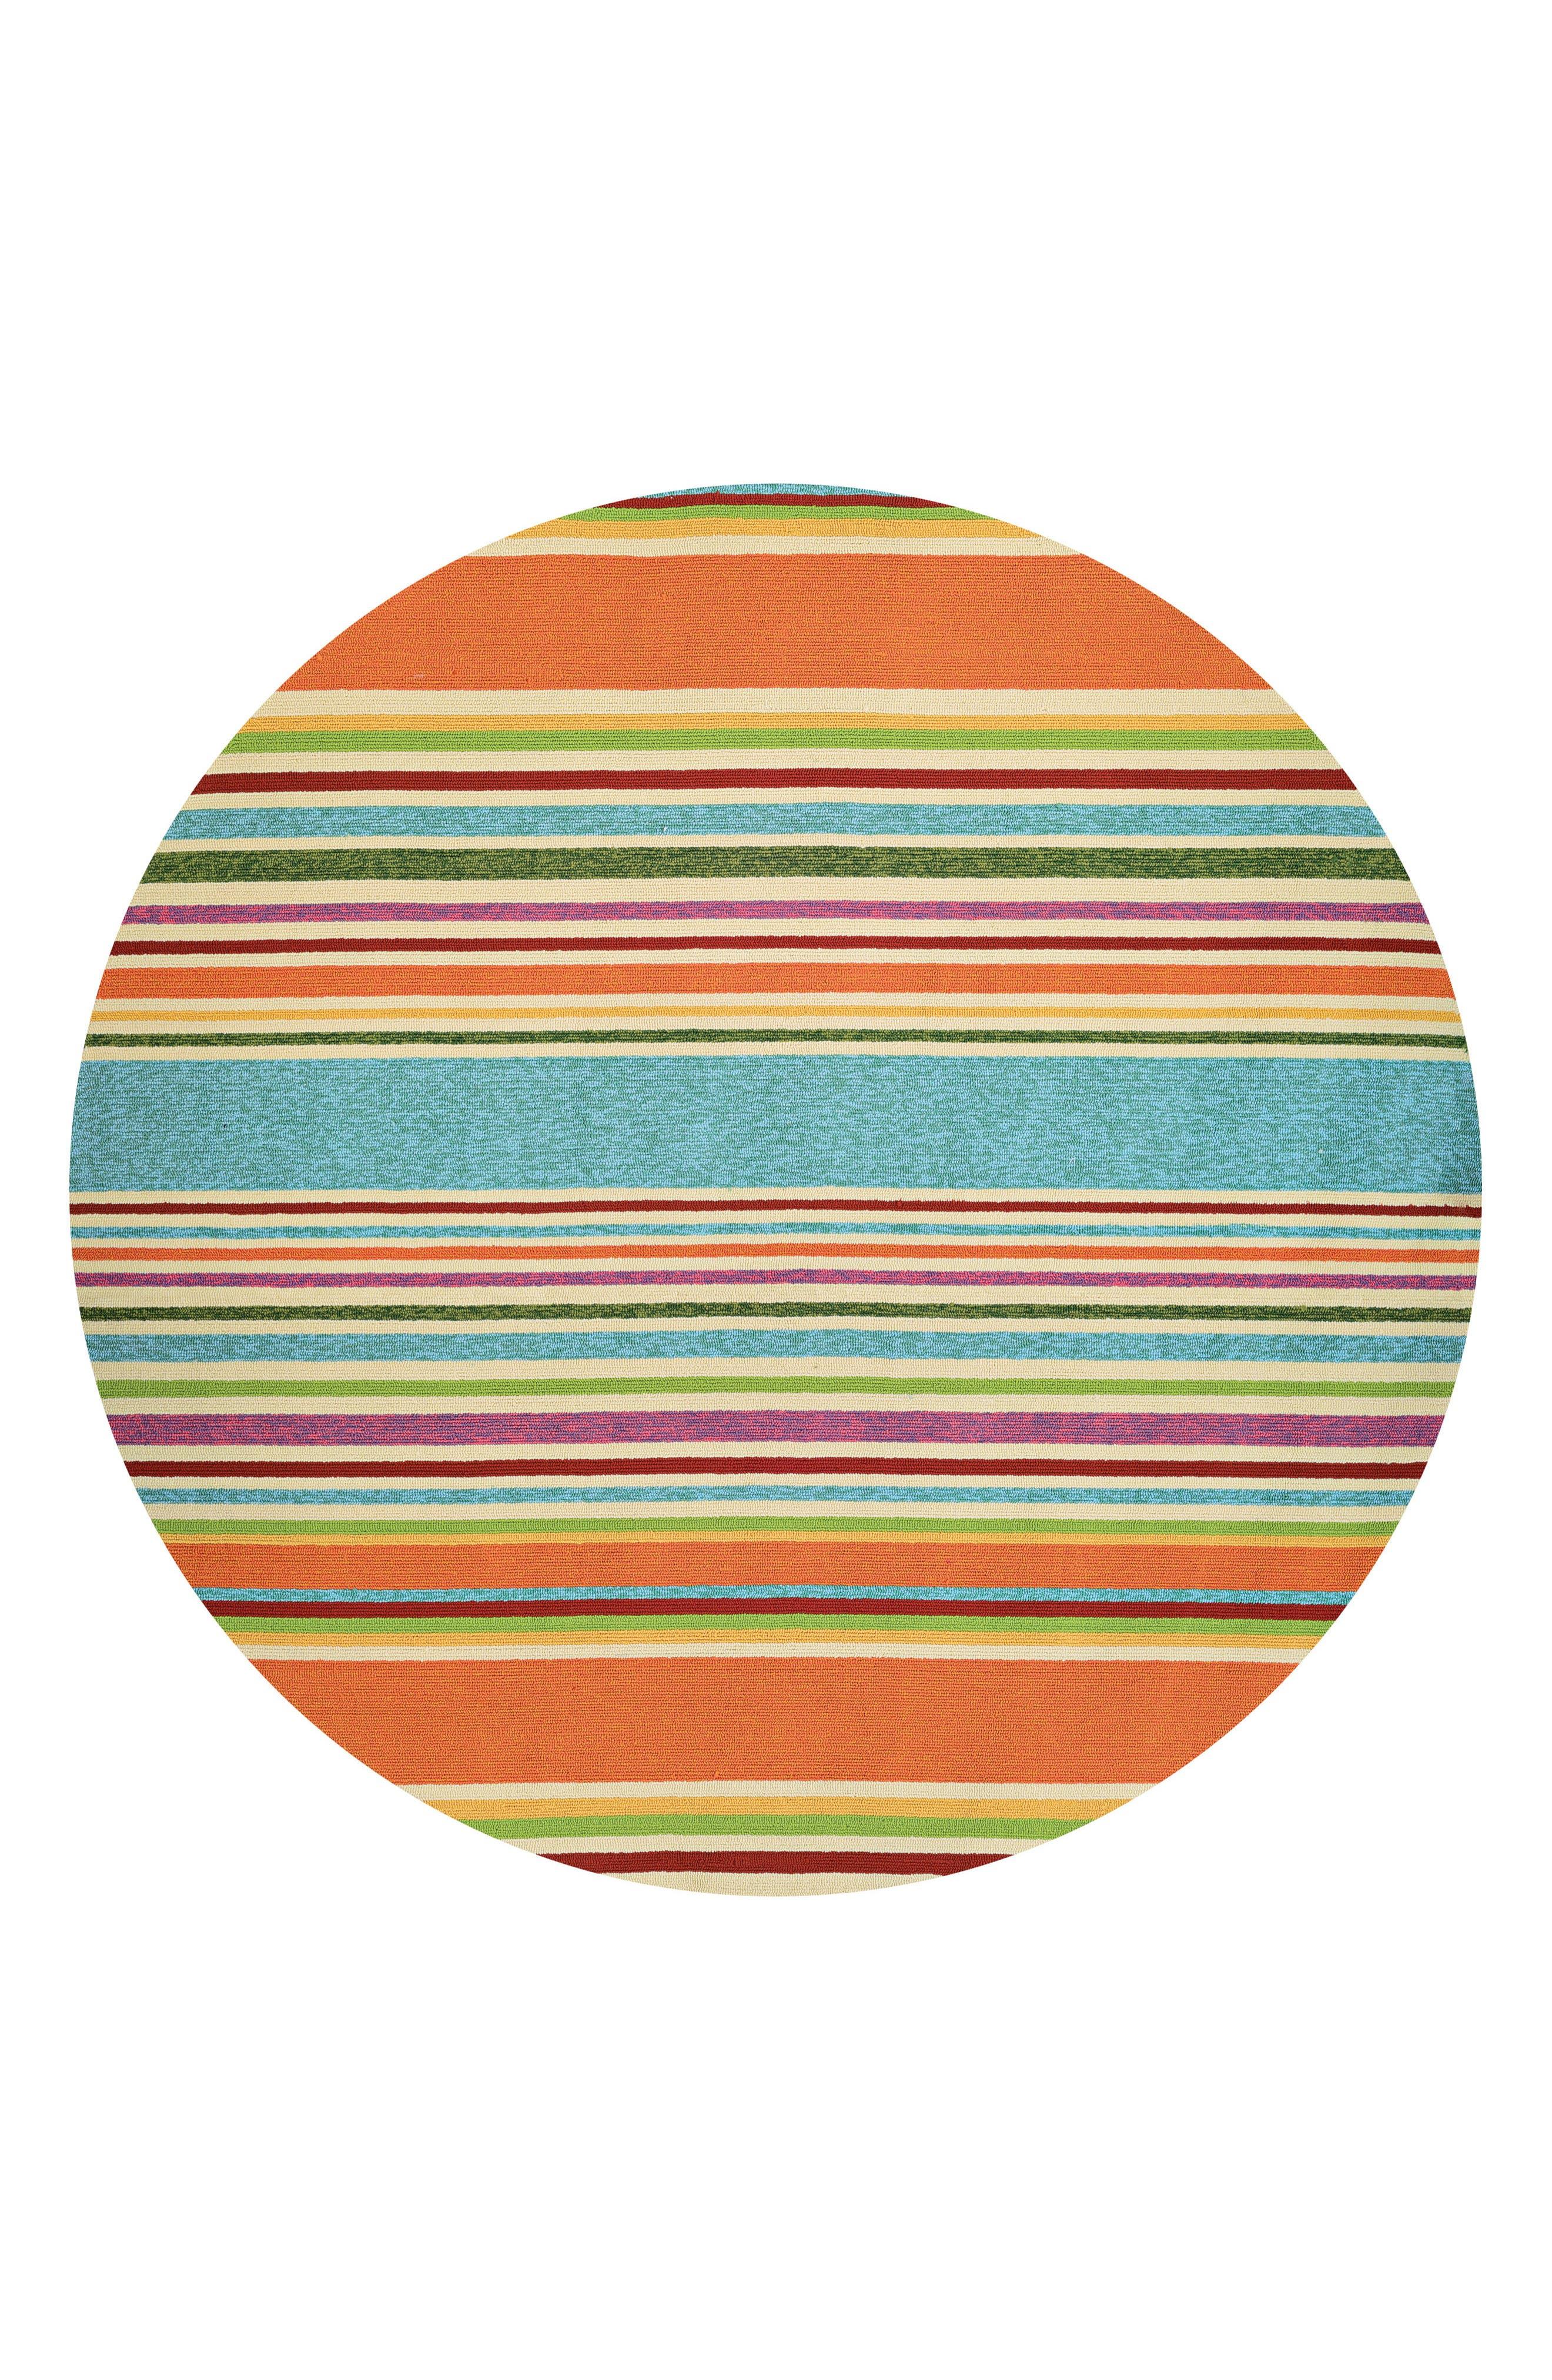 Alternate Image 1 Selected - Couristan Sherbet Stripe Indoor/Outdoor Rug